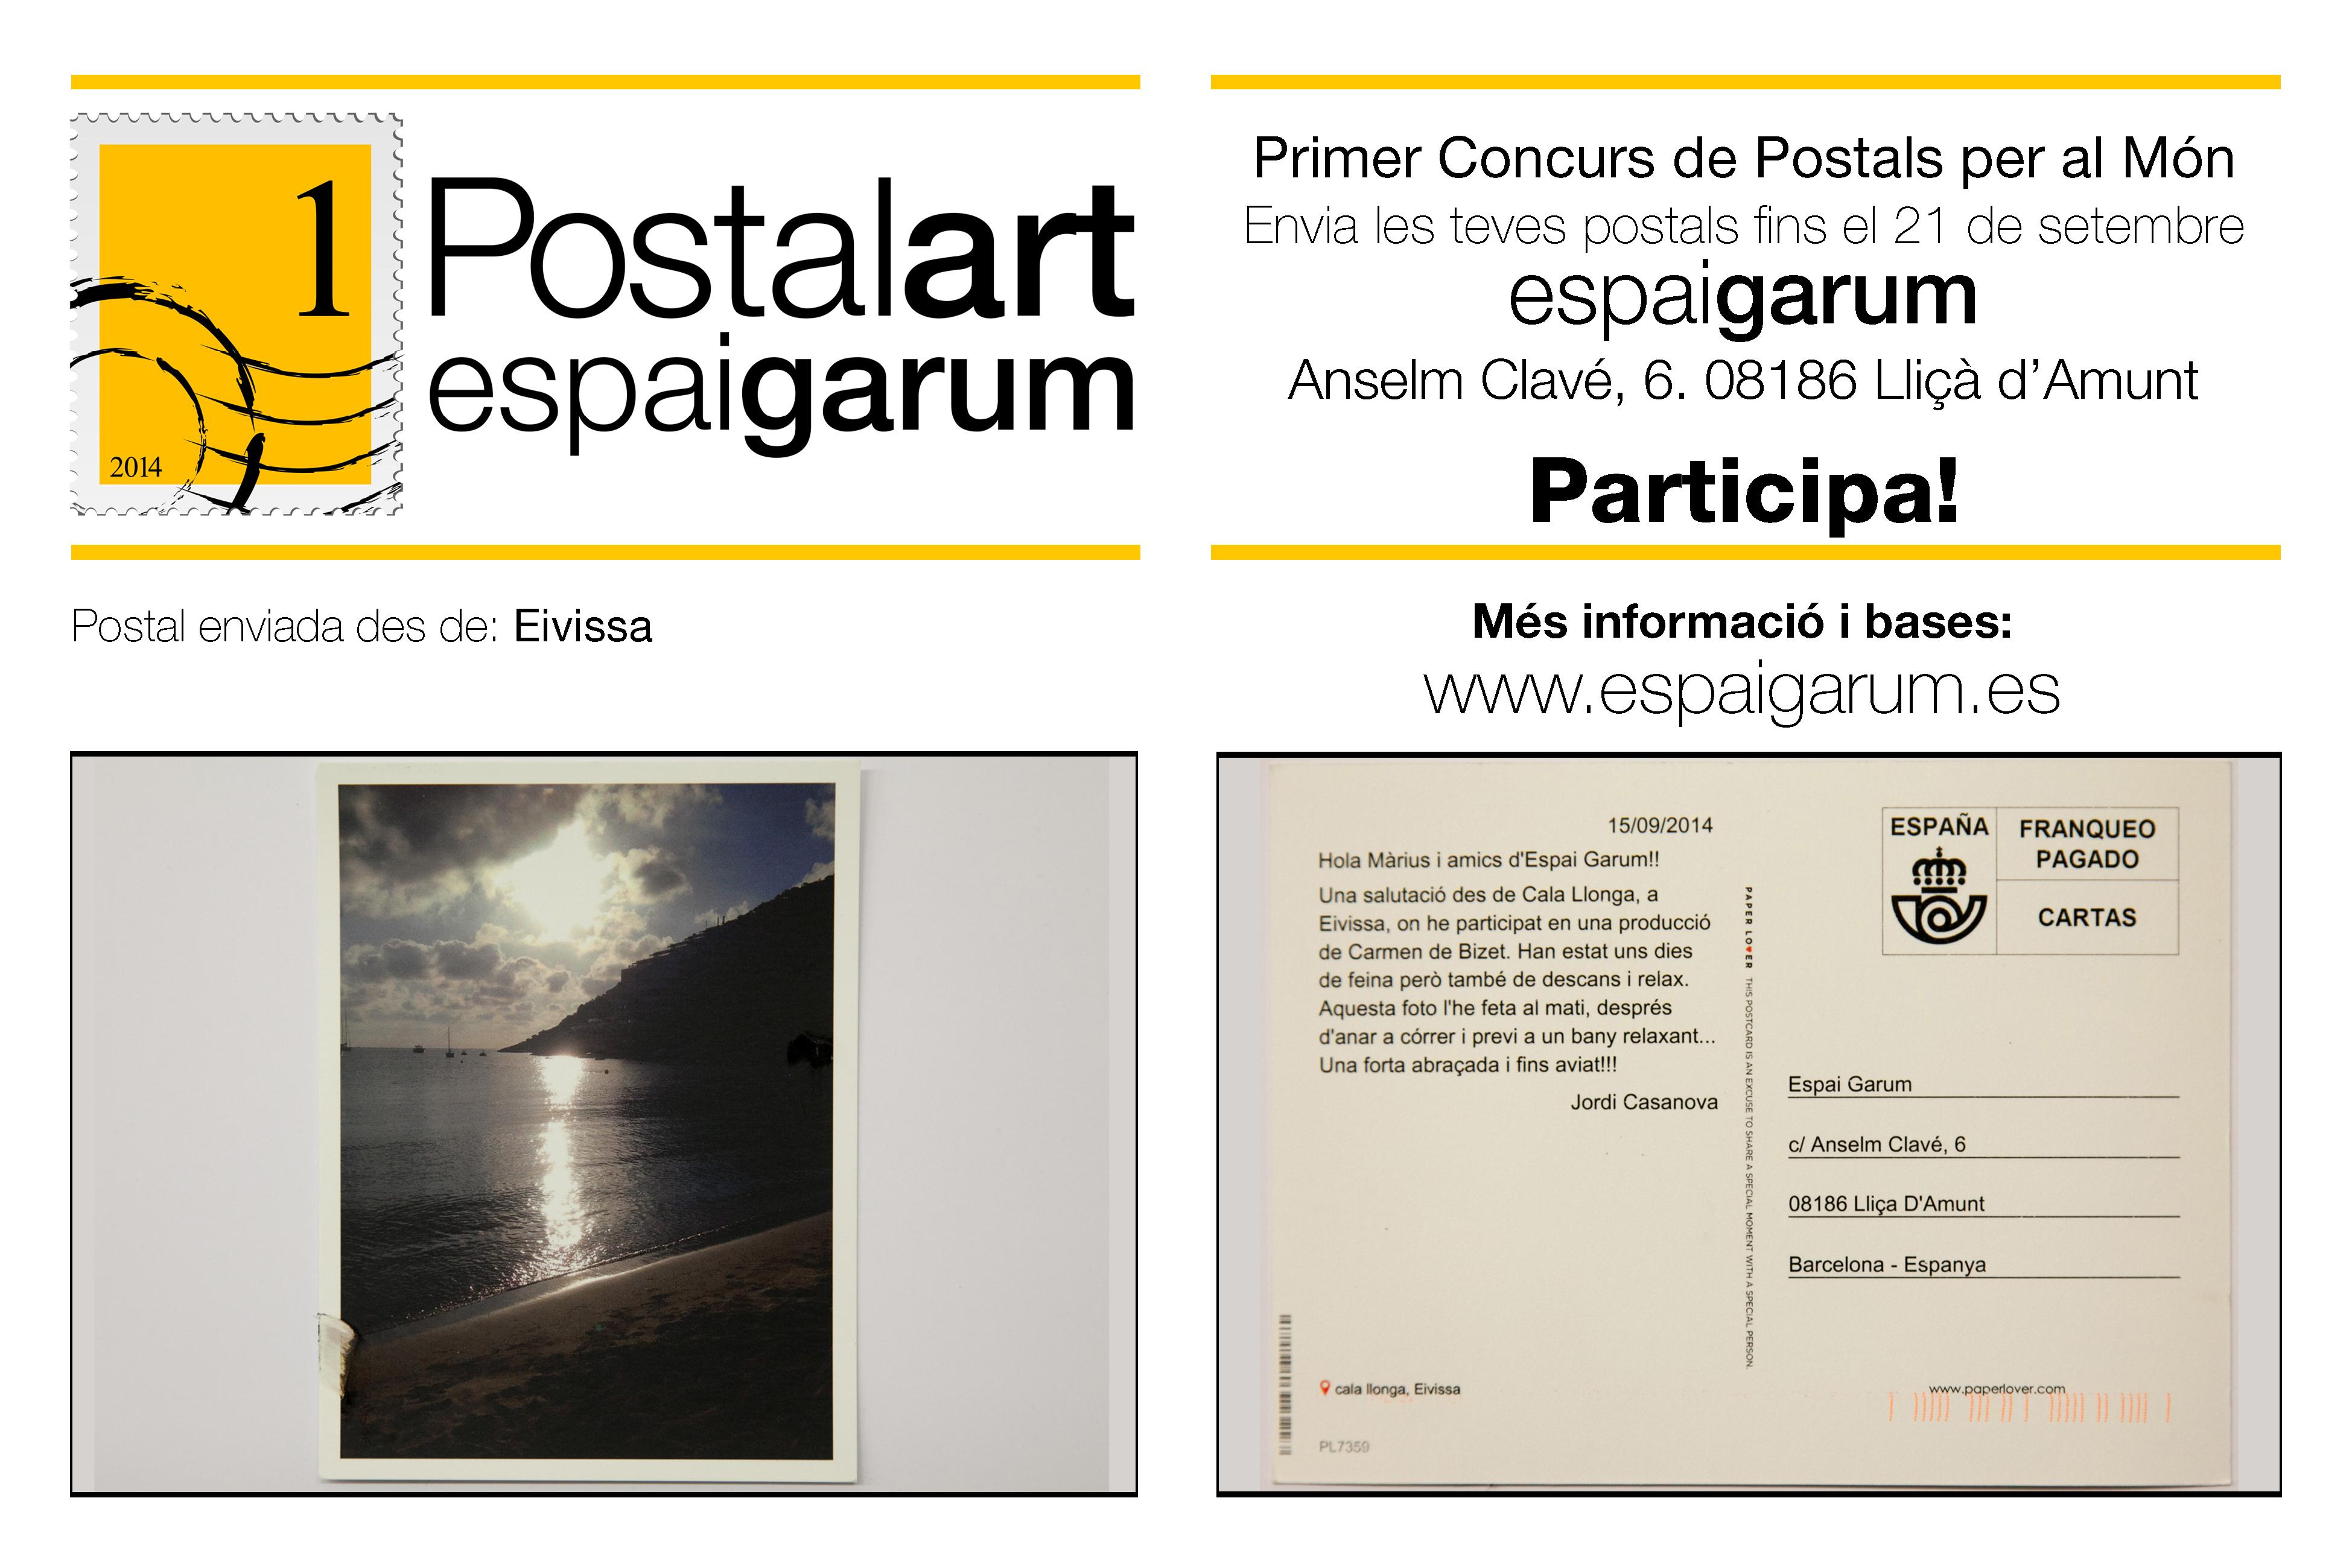 Postalart 14 069